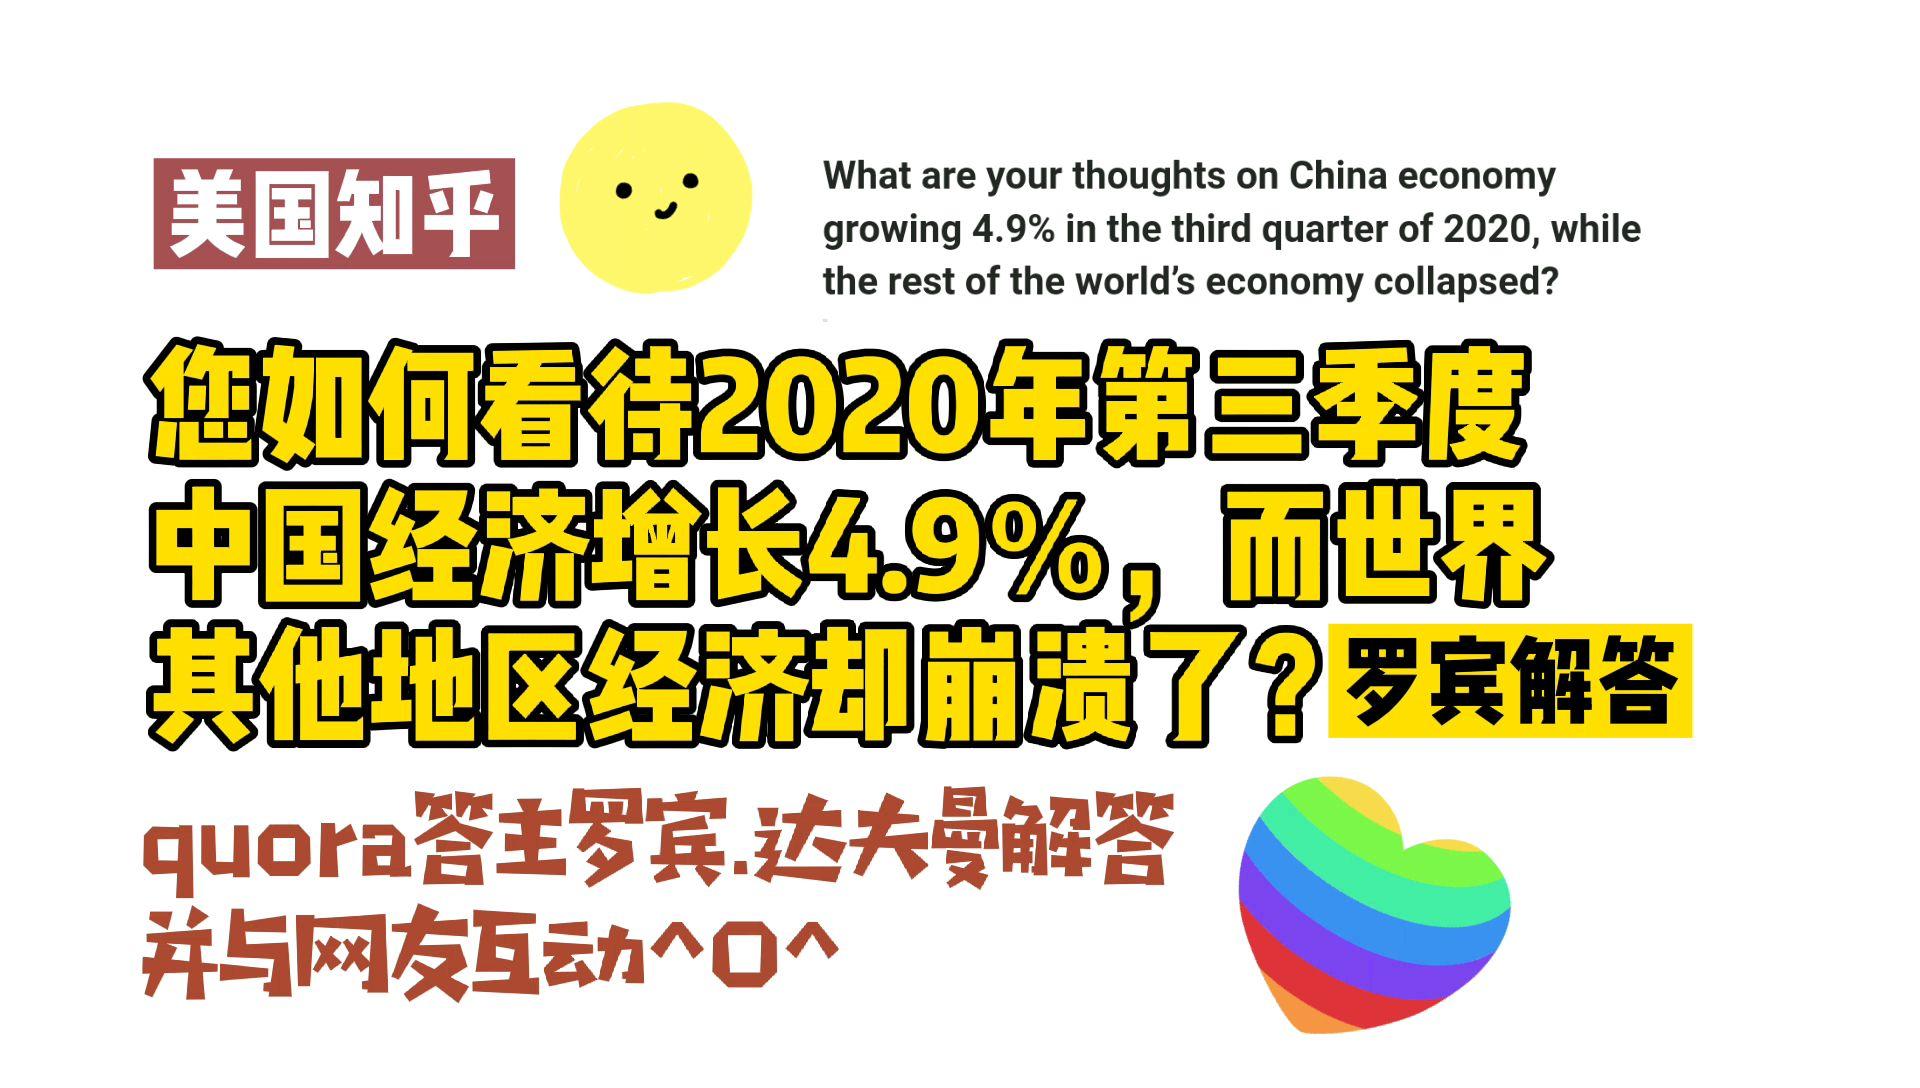 美国知乎,您如何看待2020年第三季度中国经济增长4.9%,而世界其他地区经济却崩溃了?罗宾回答